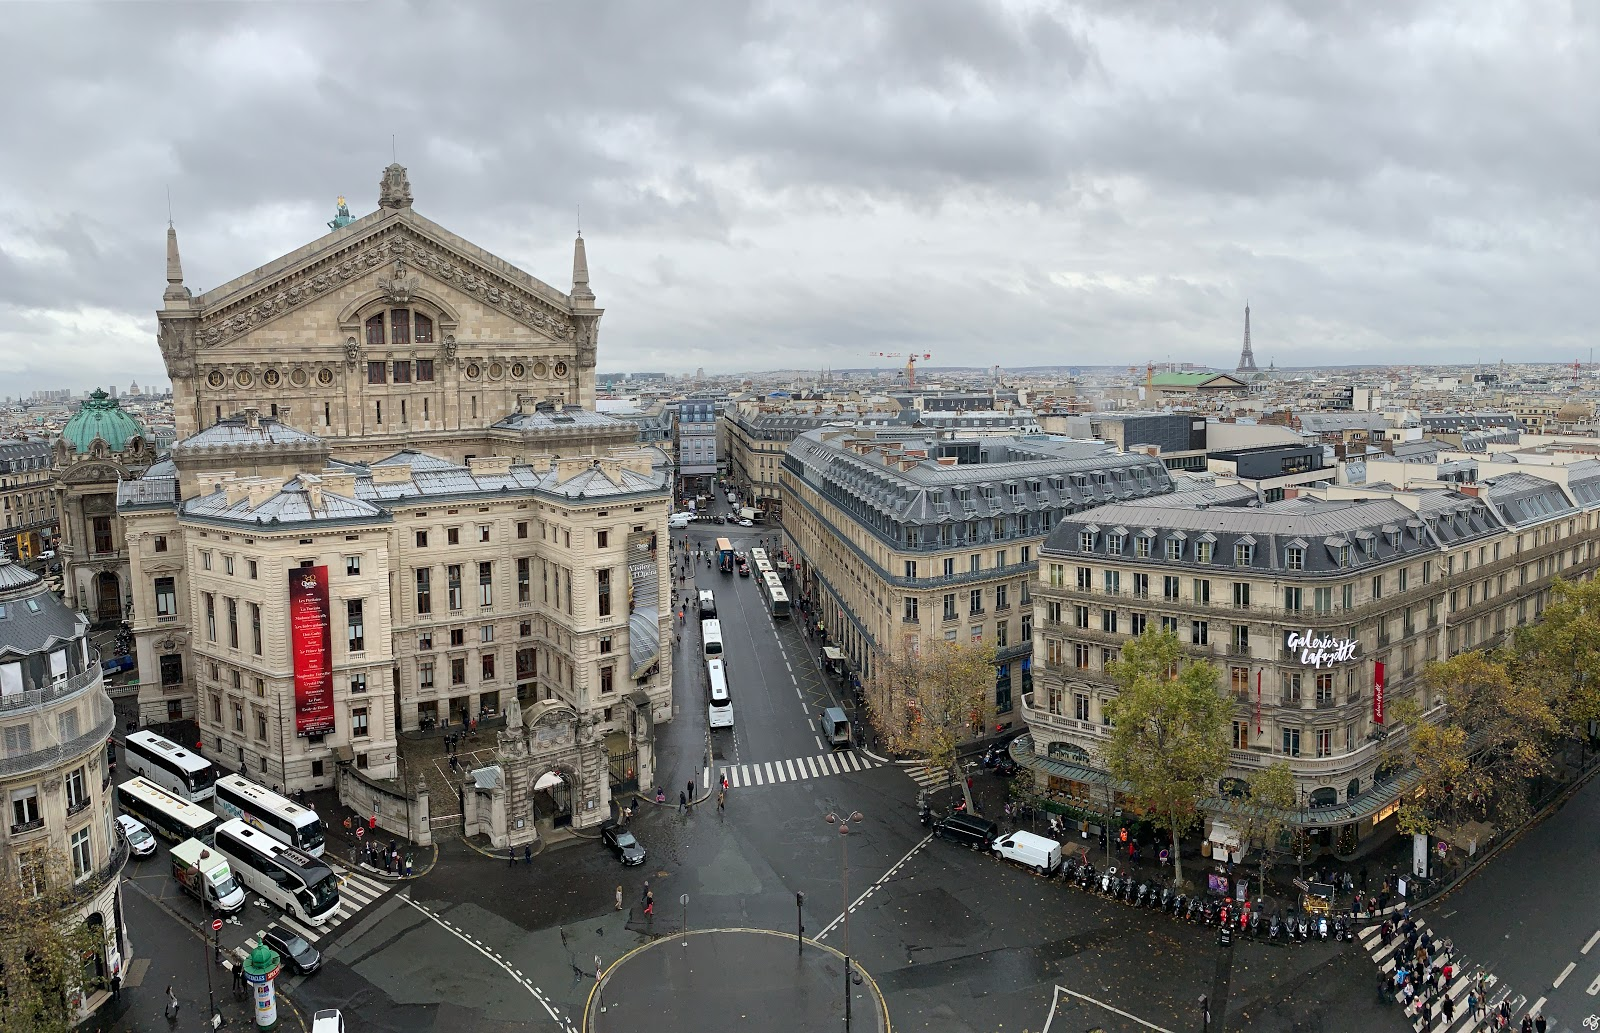 Galeries Lafayette Haussman